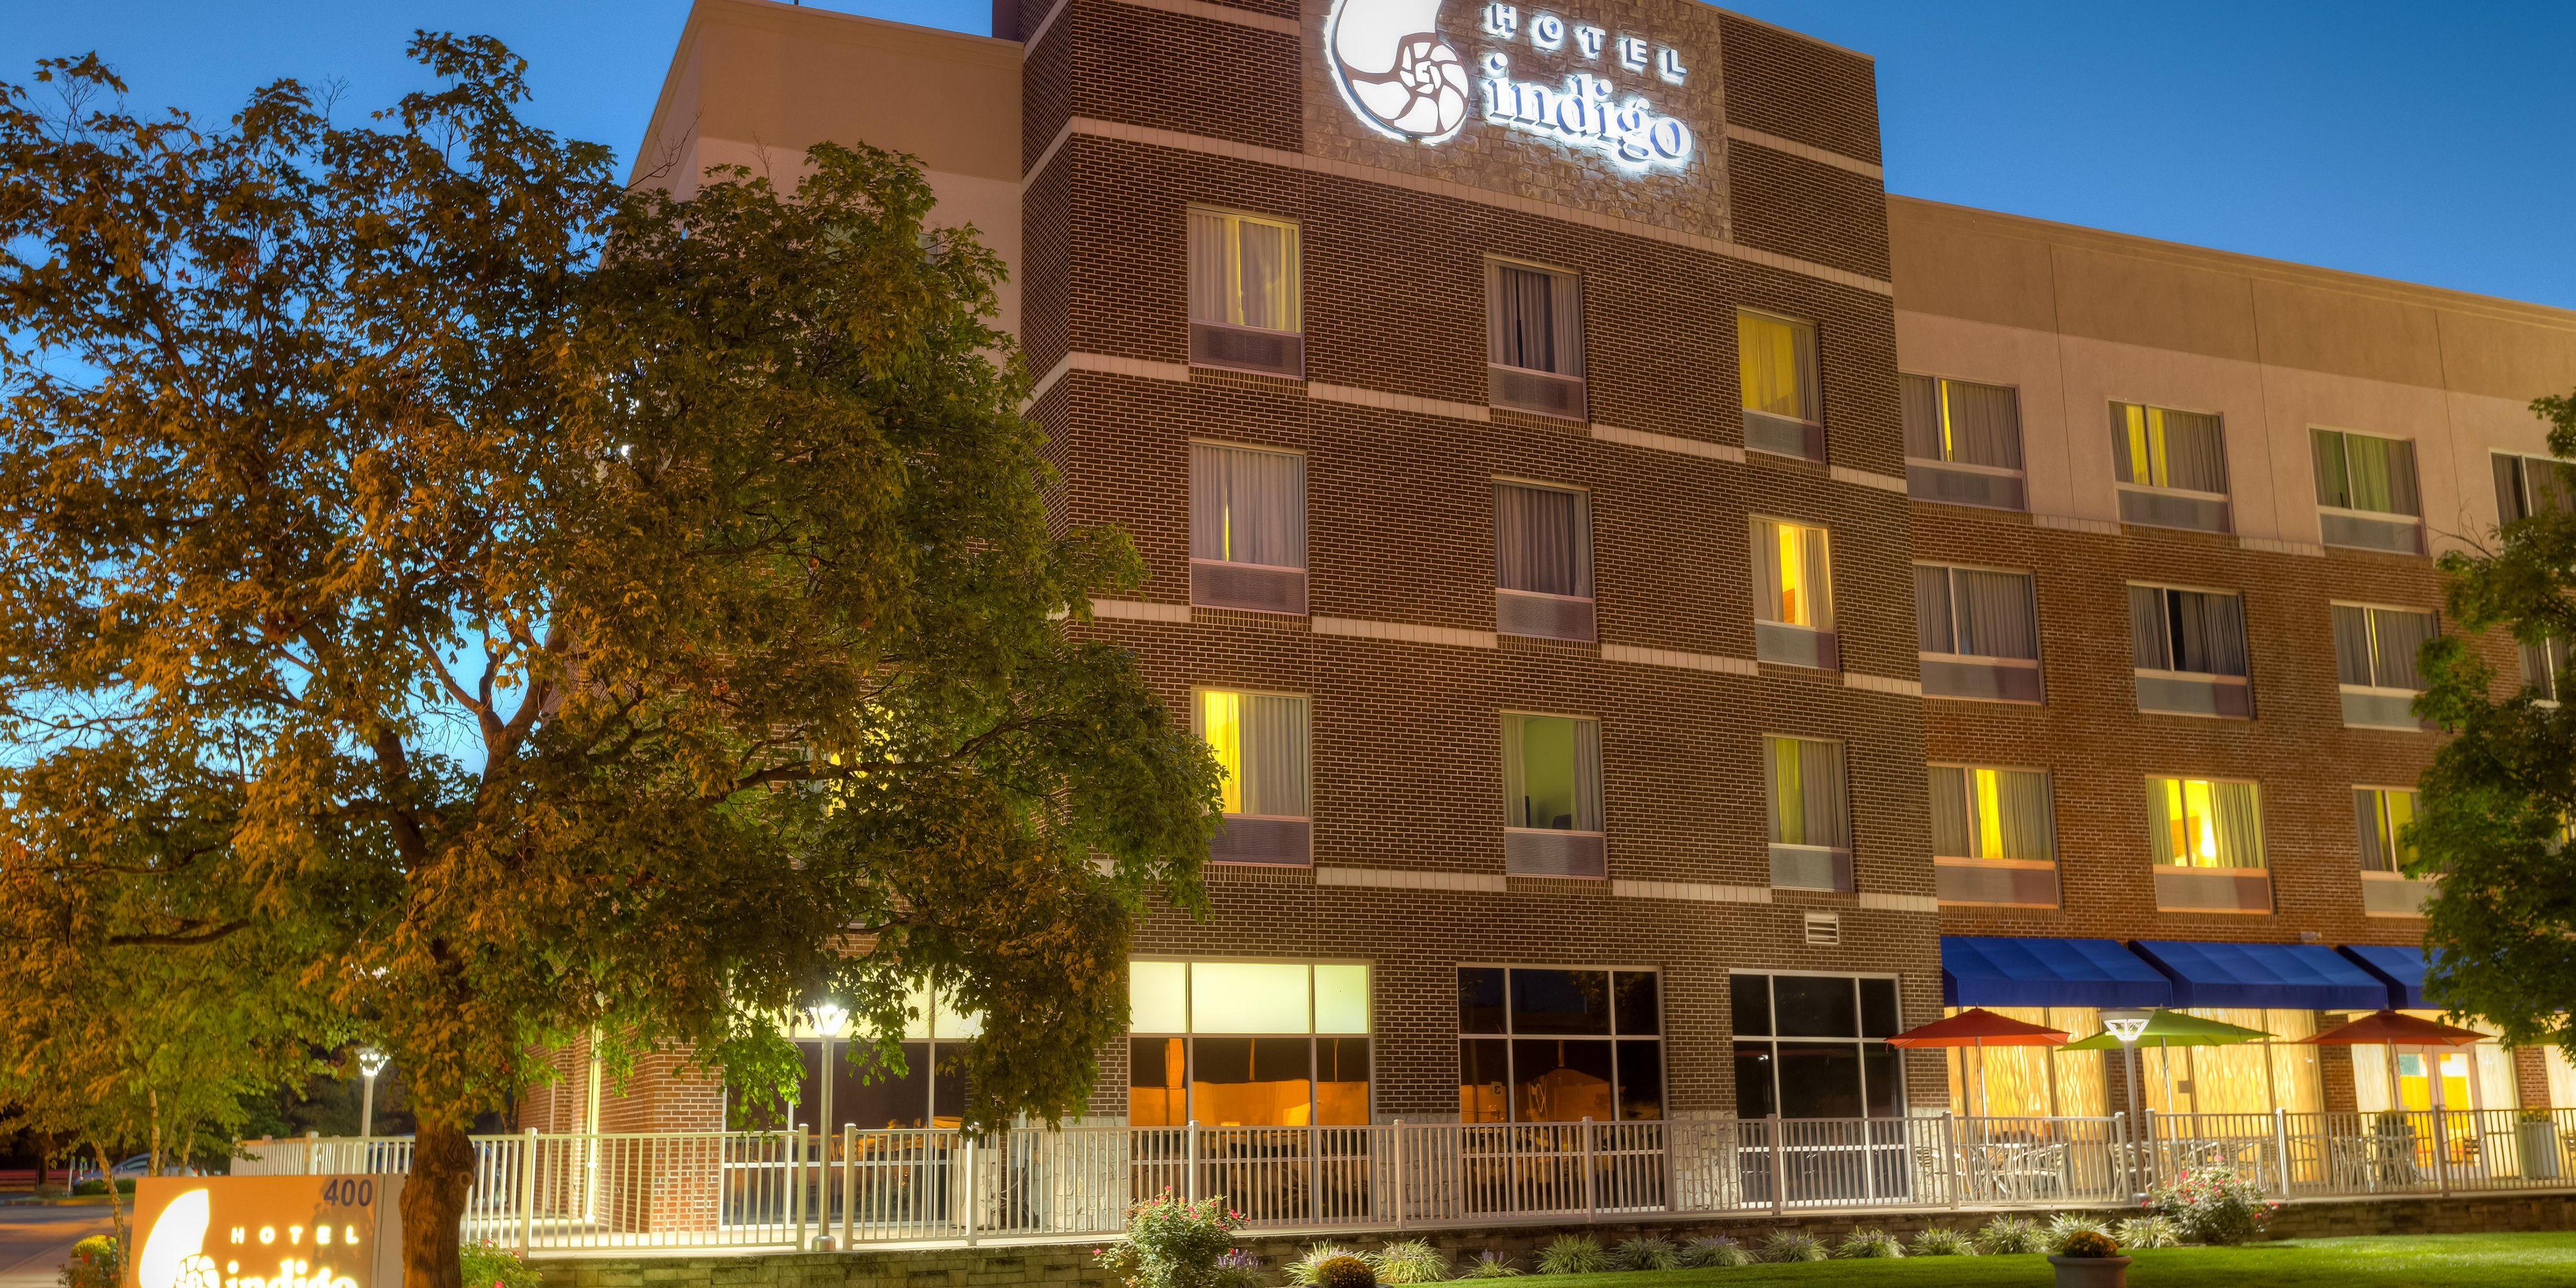 Hotel Indigo Columbus Architectural Center image 0